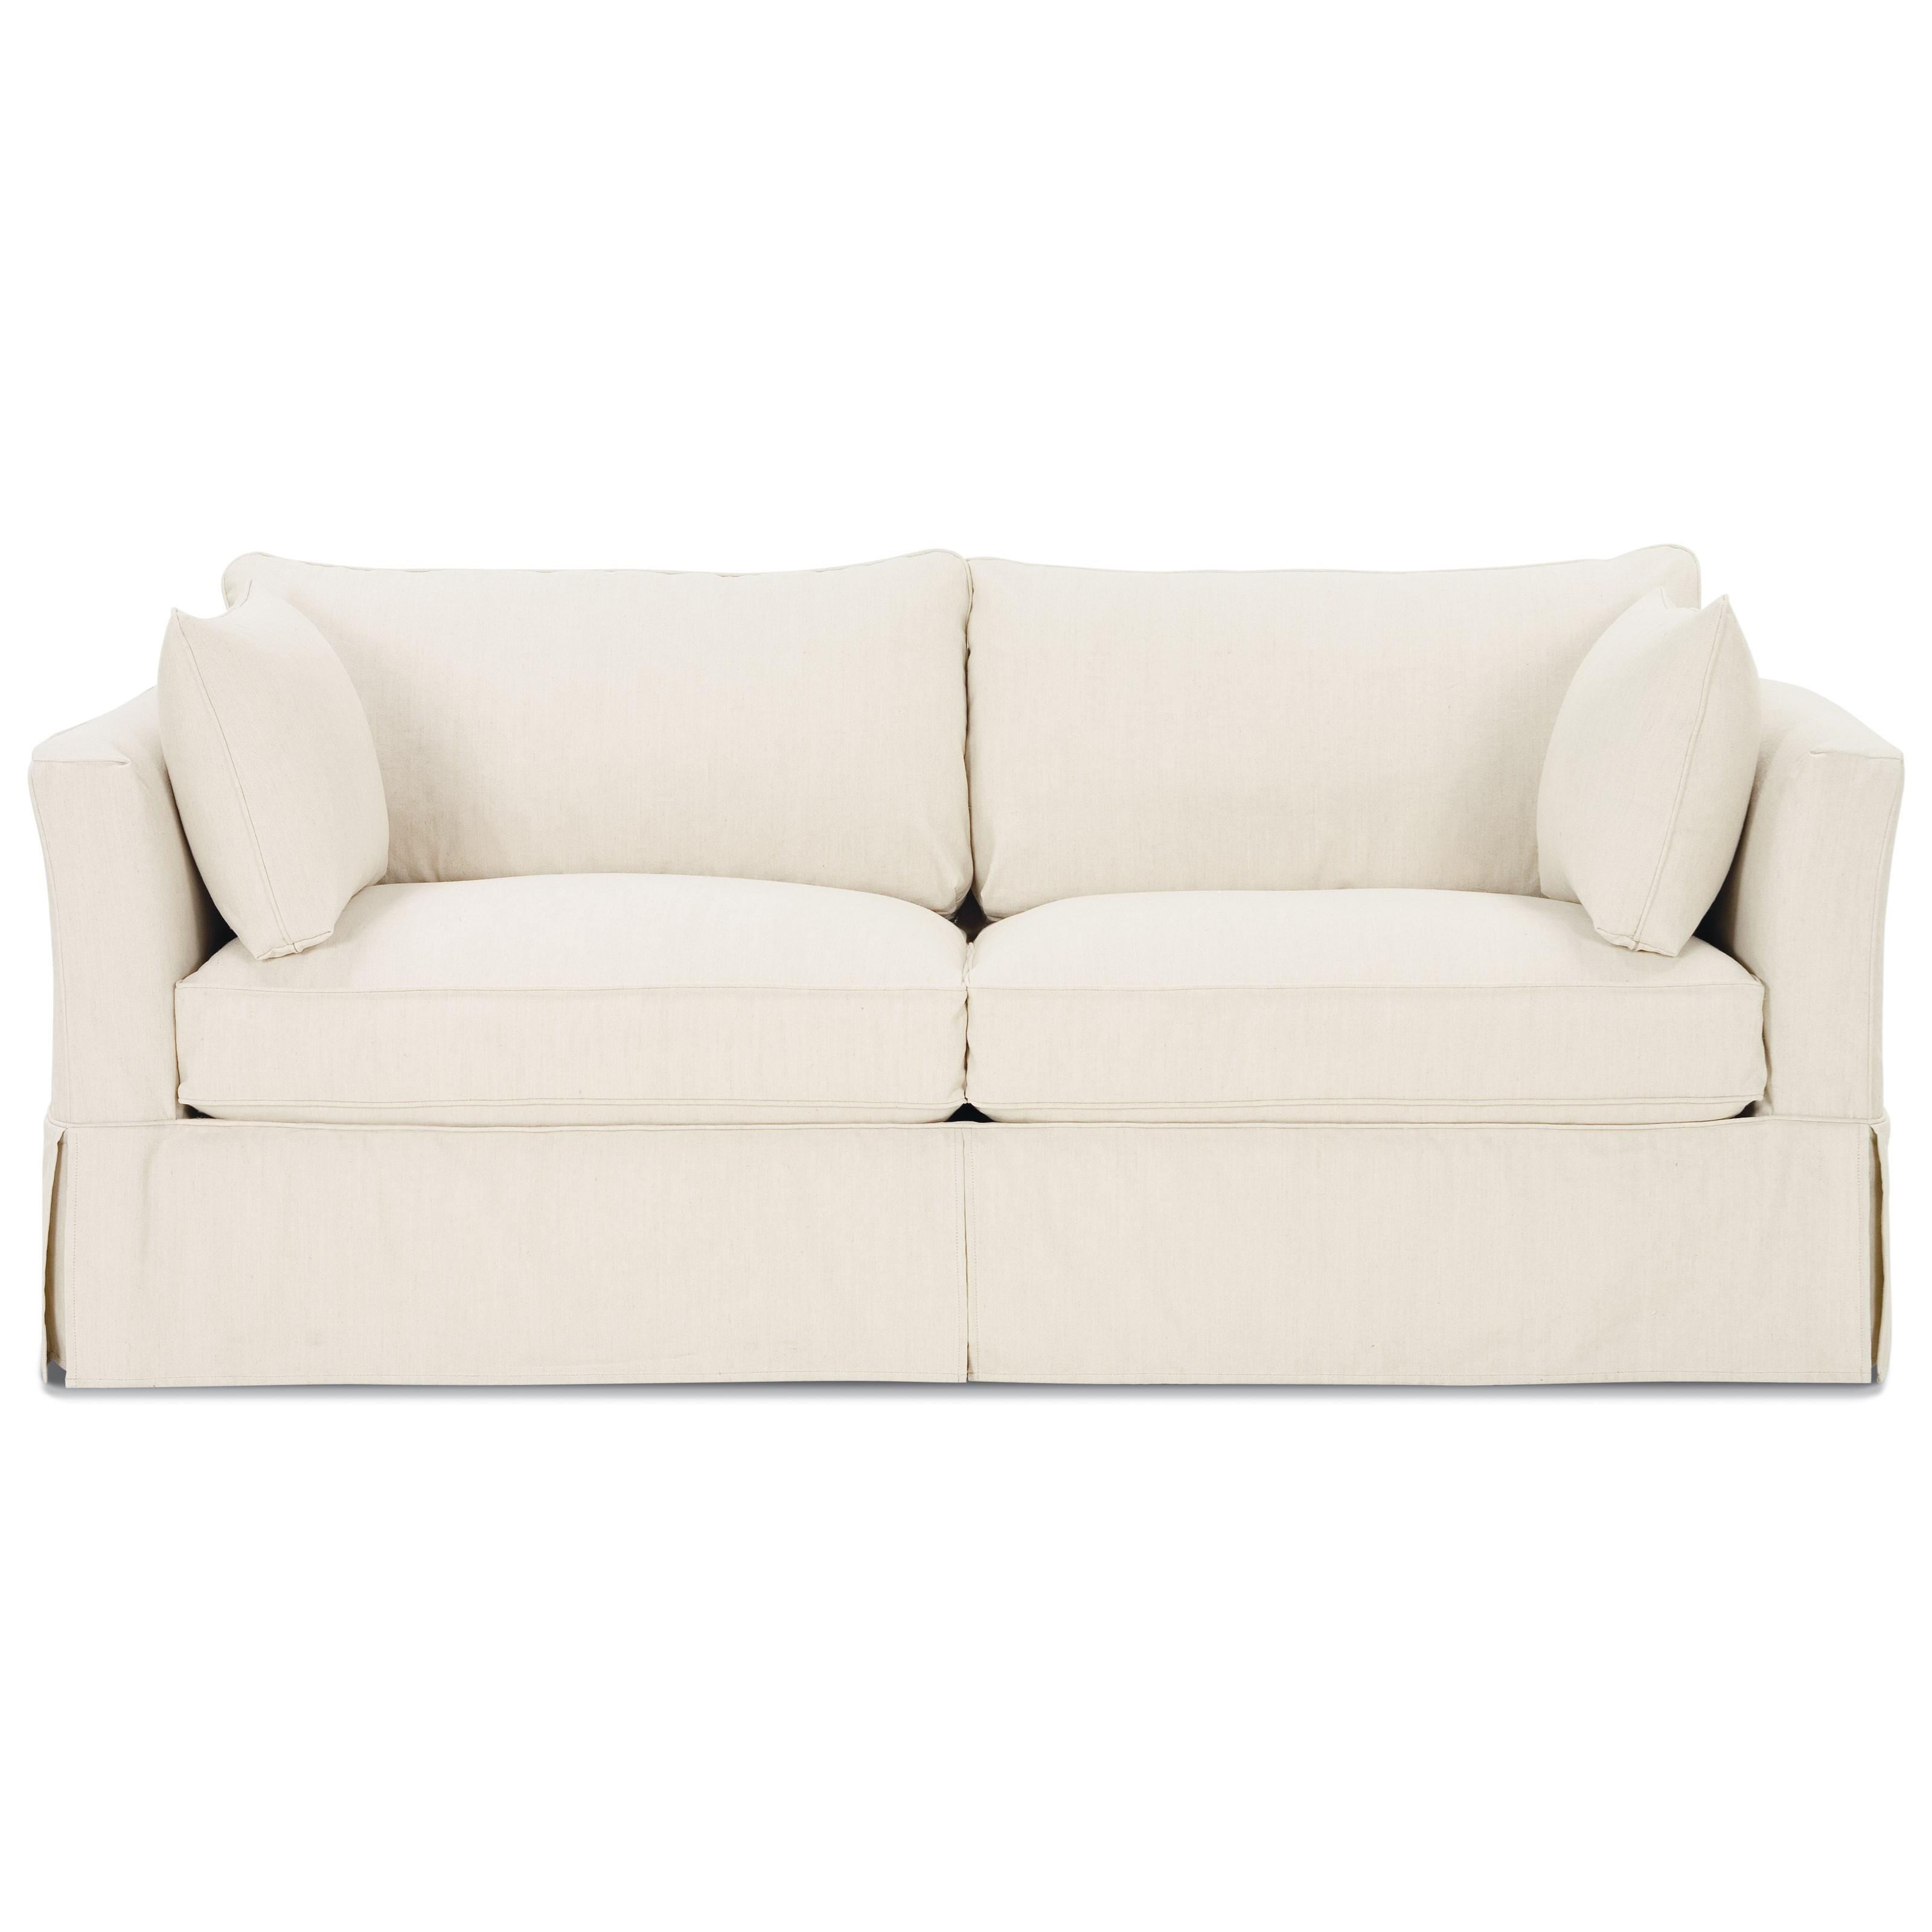 rowe darby h230 000 upholstered slipcover stationary sofa baer s rh baers com rowe slipcover sofas review rowe slipcovered sofa reviews